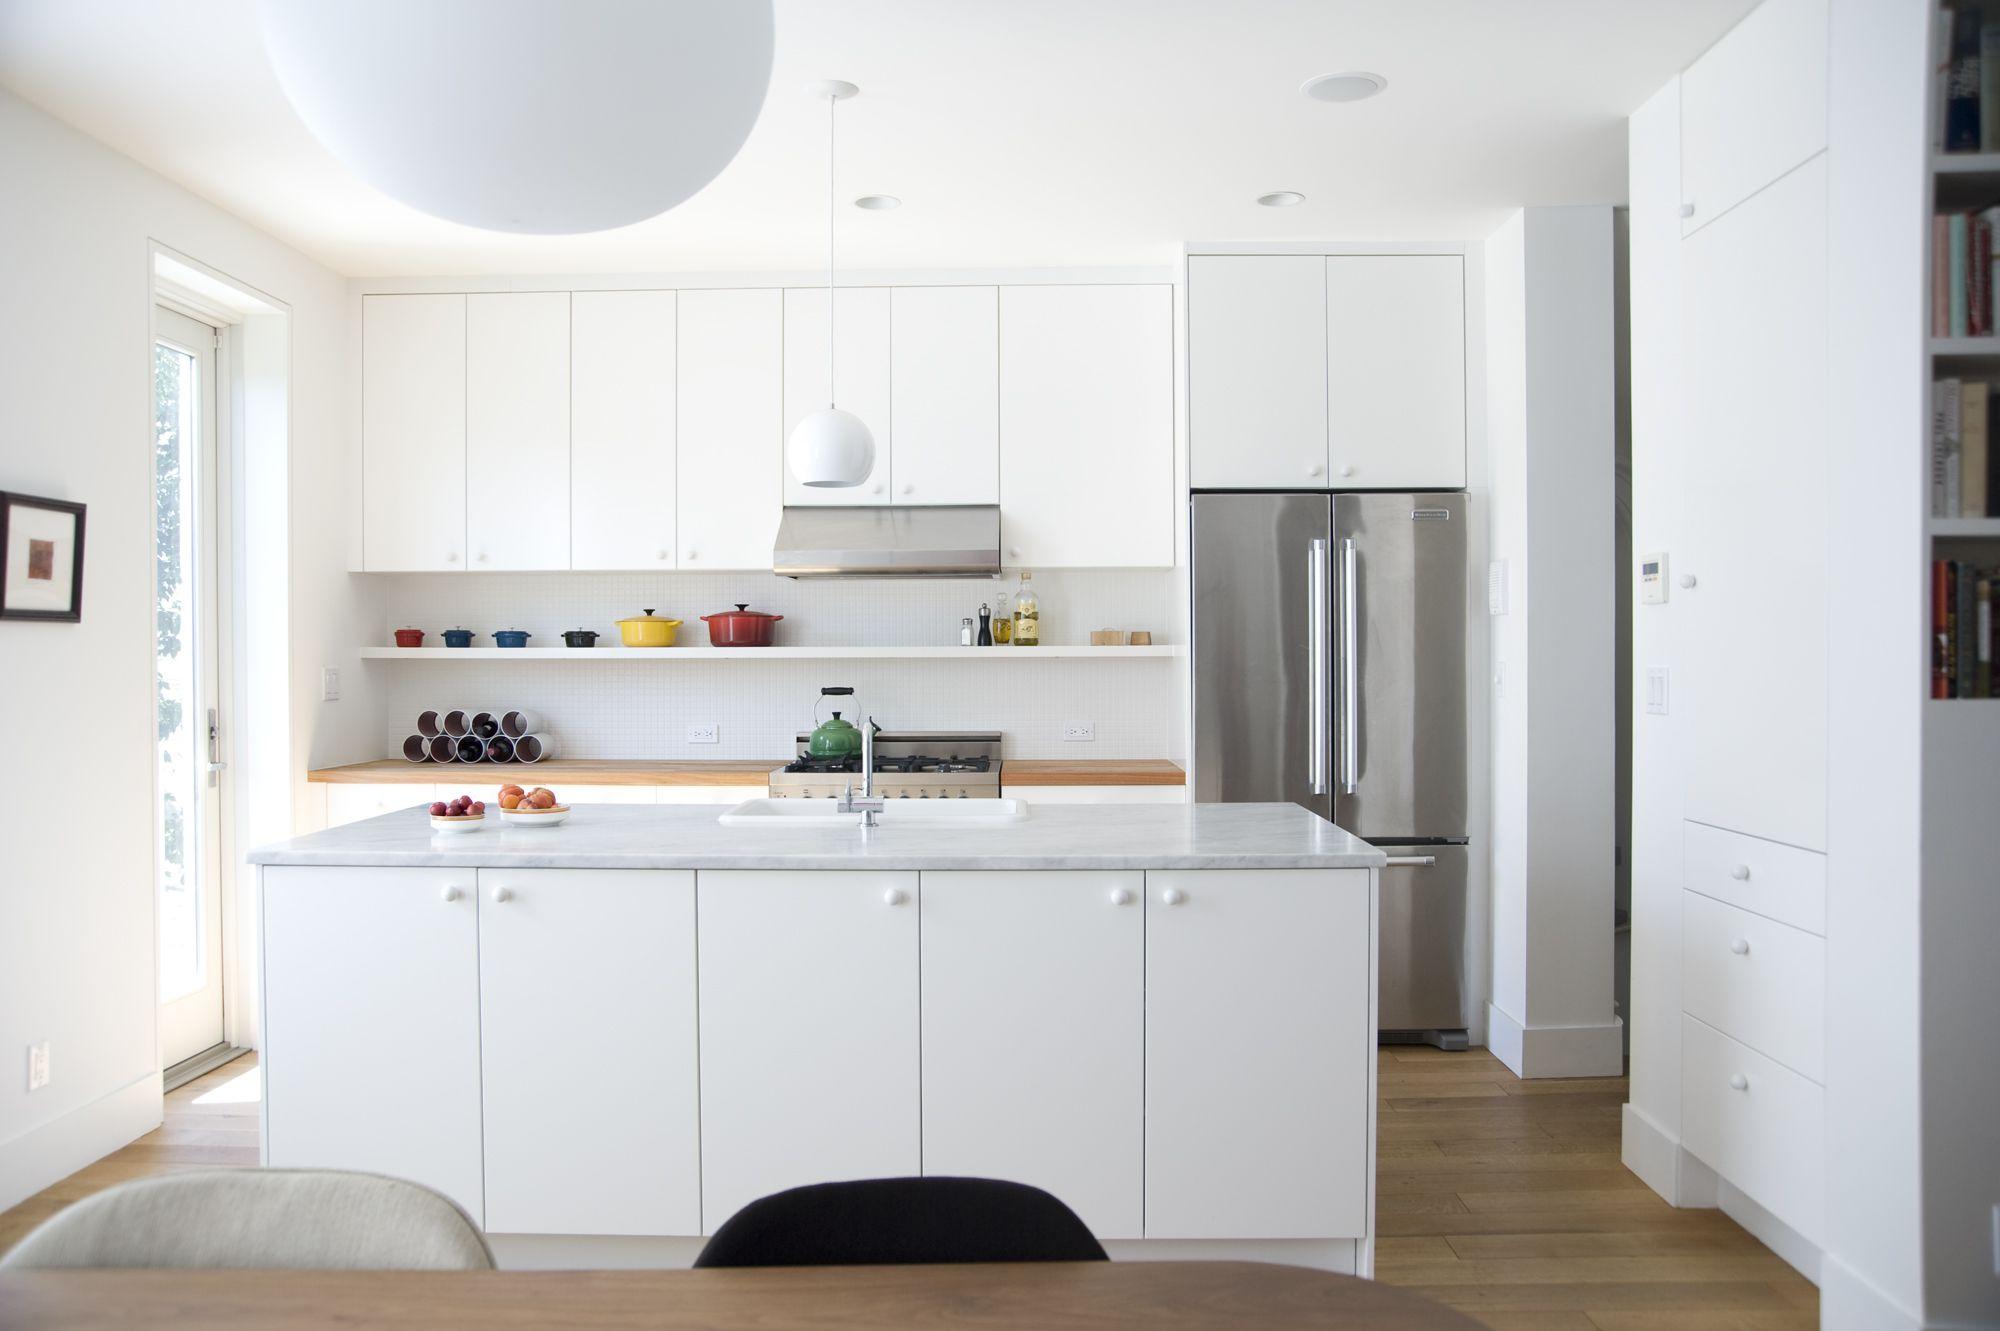 Minimalist kitchen with concealed storage